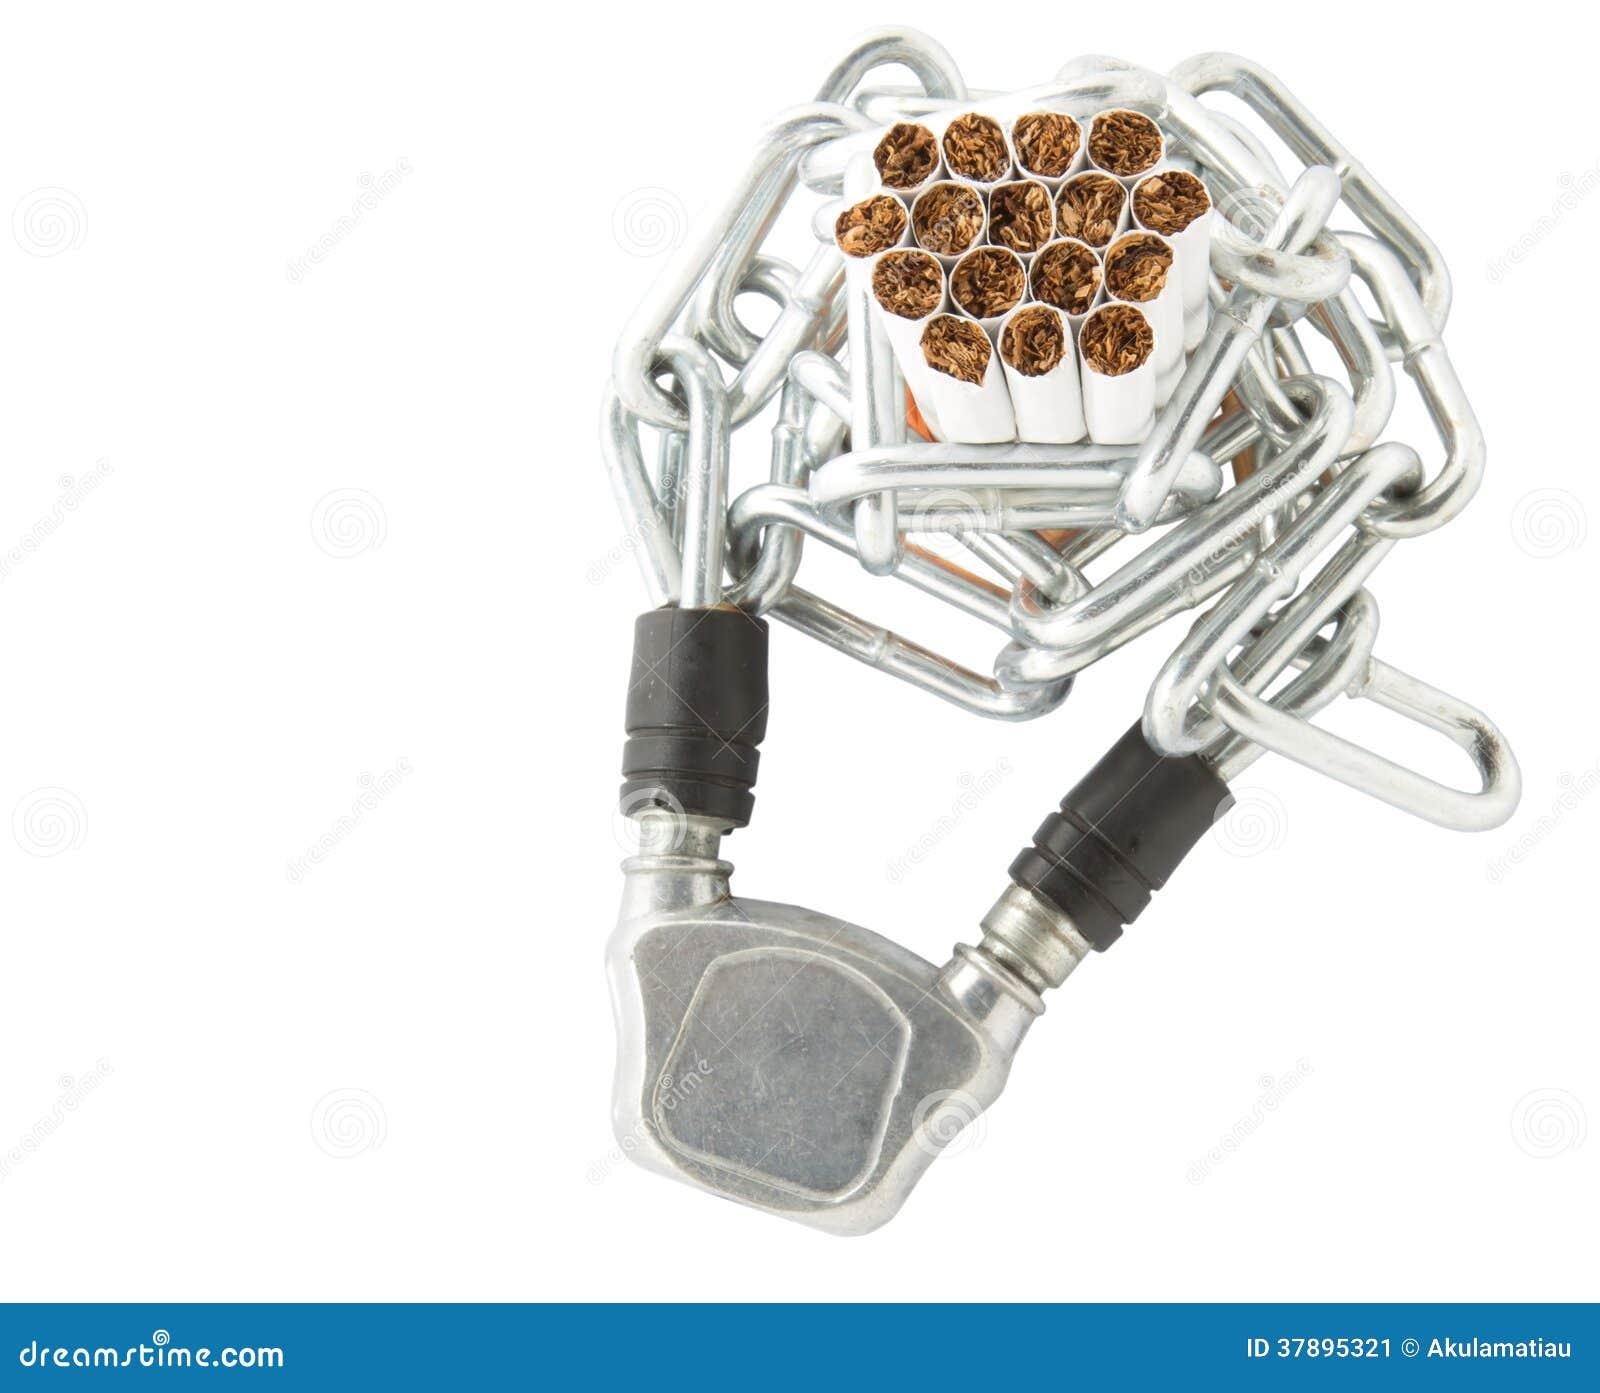 Zigarette und Ketten